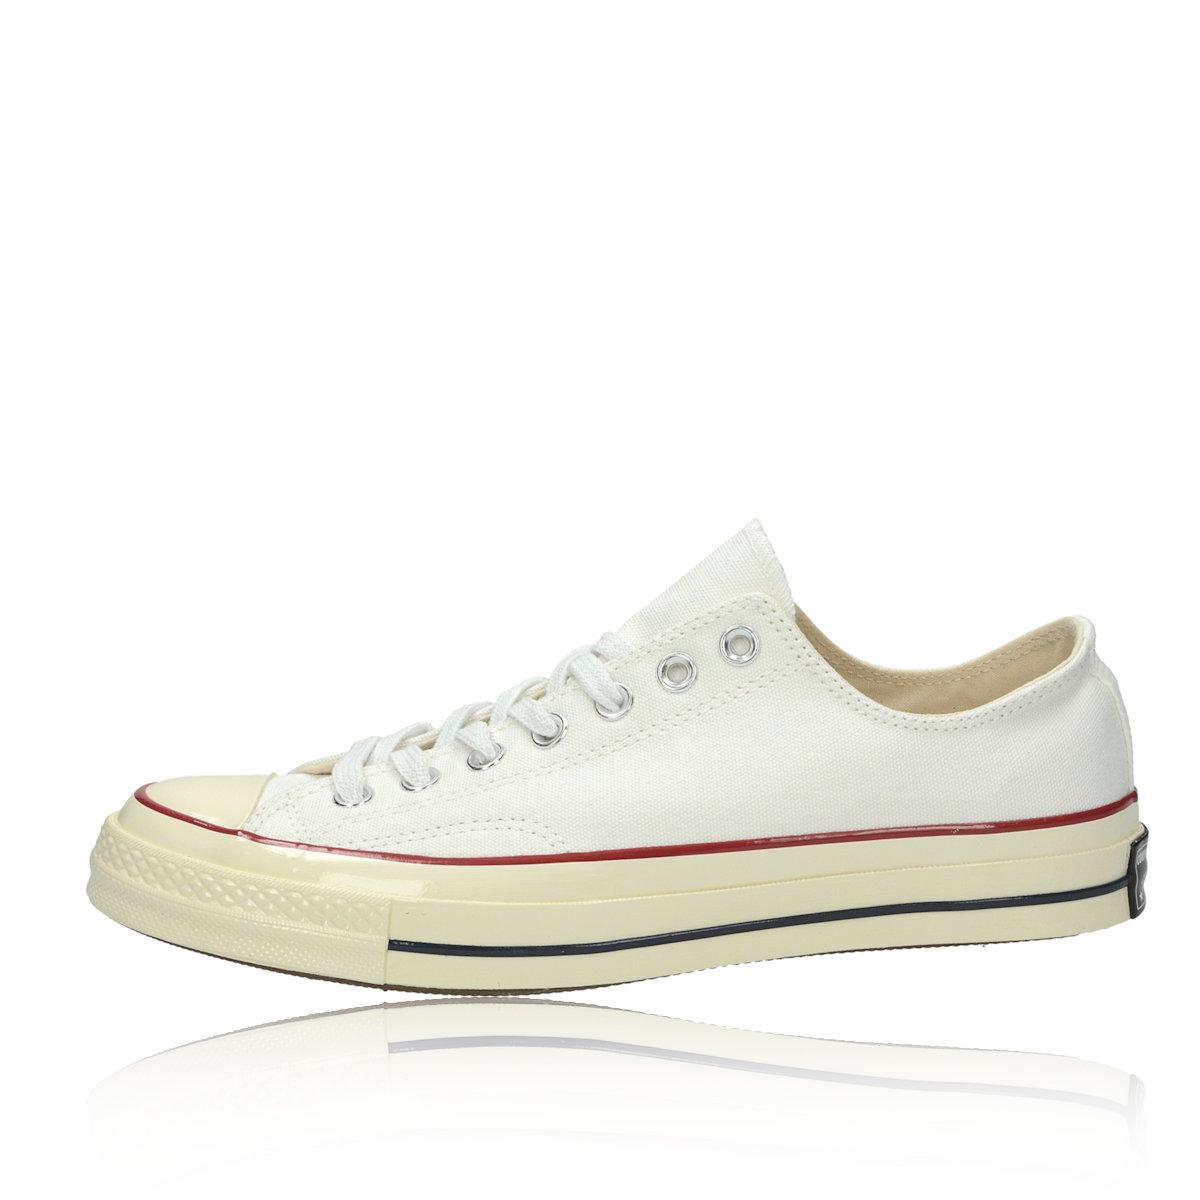 a10b899eef Converse pánske textilné tenisky - biele Converse pánske textilné tenisky -  biele ...